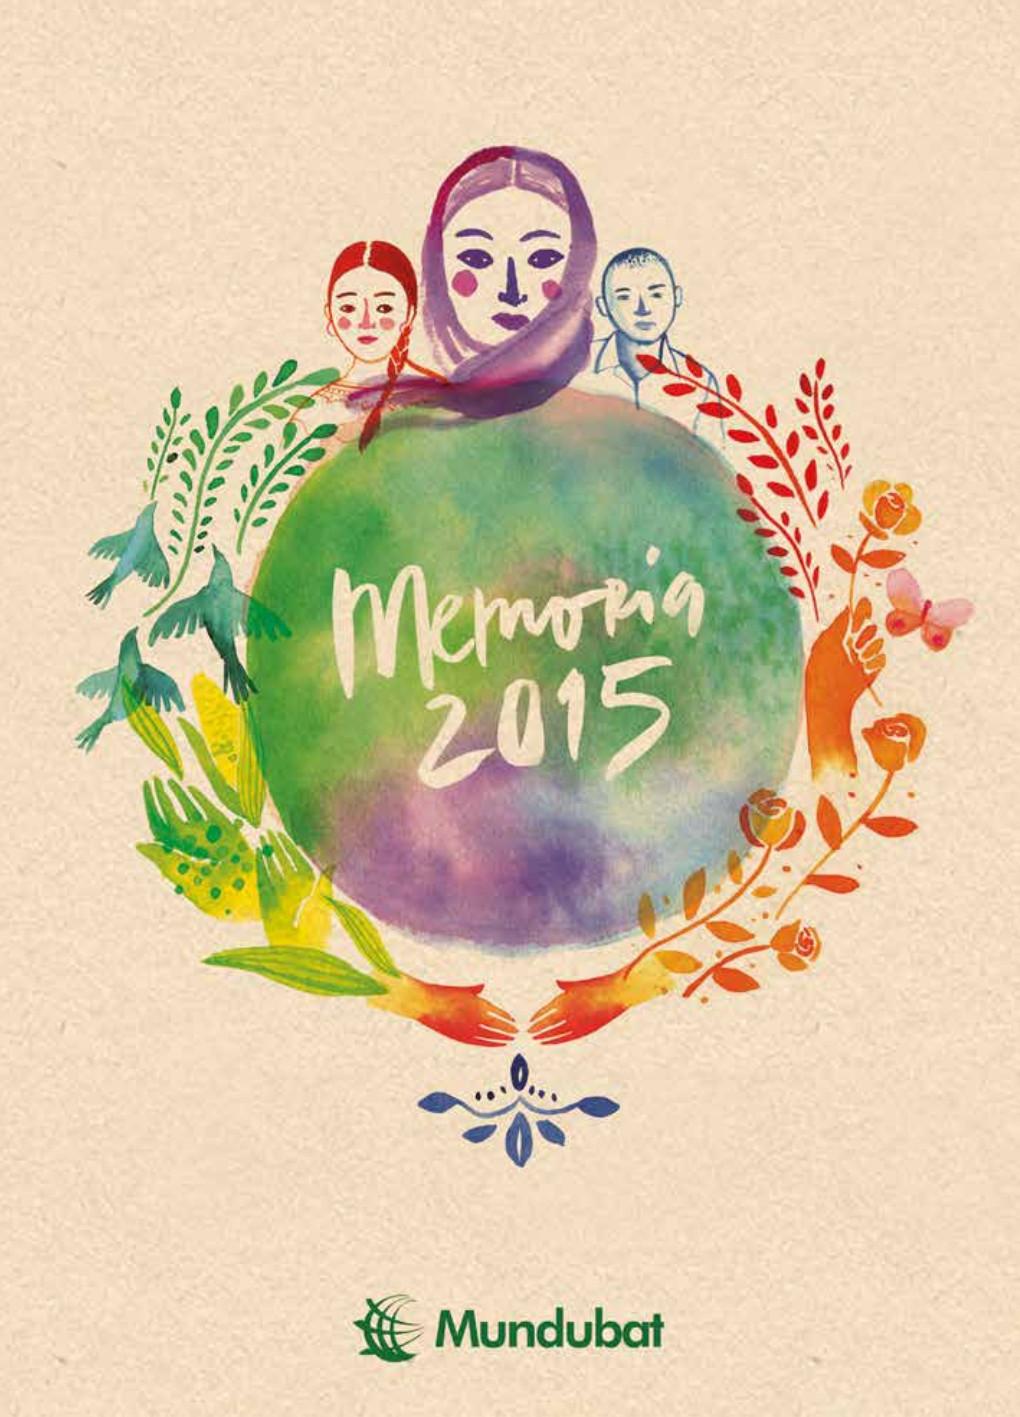 memoria-mundubat-2015-portada cast